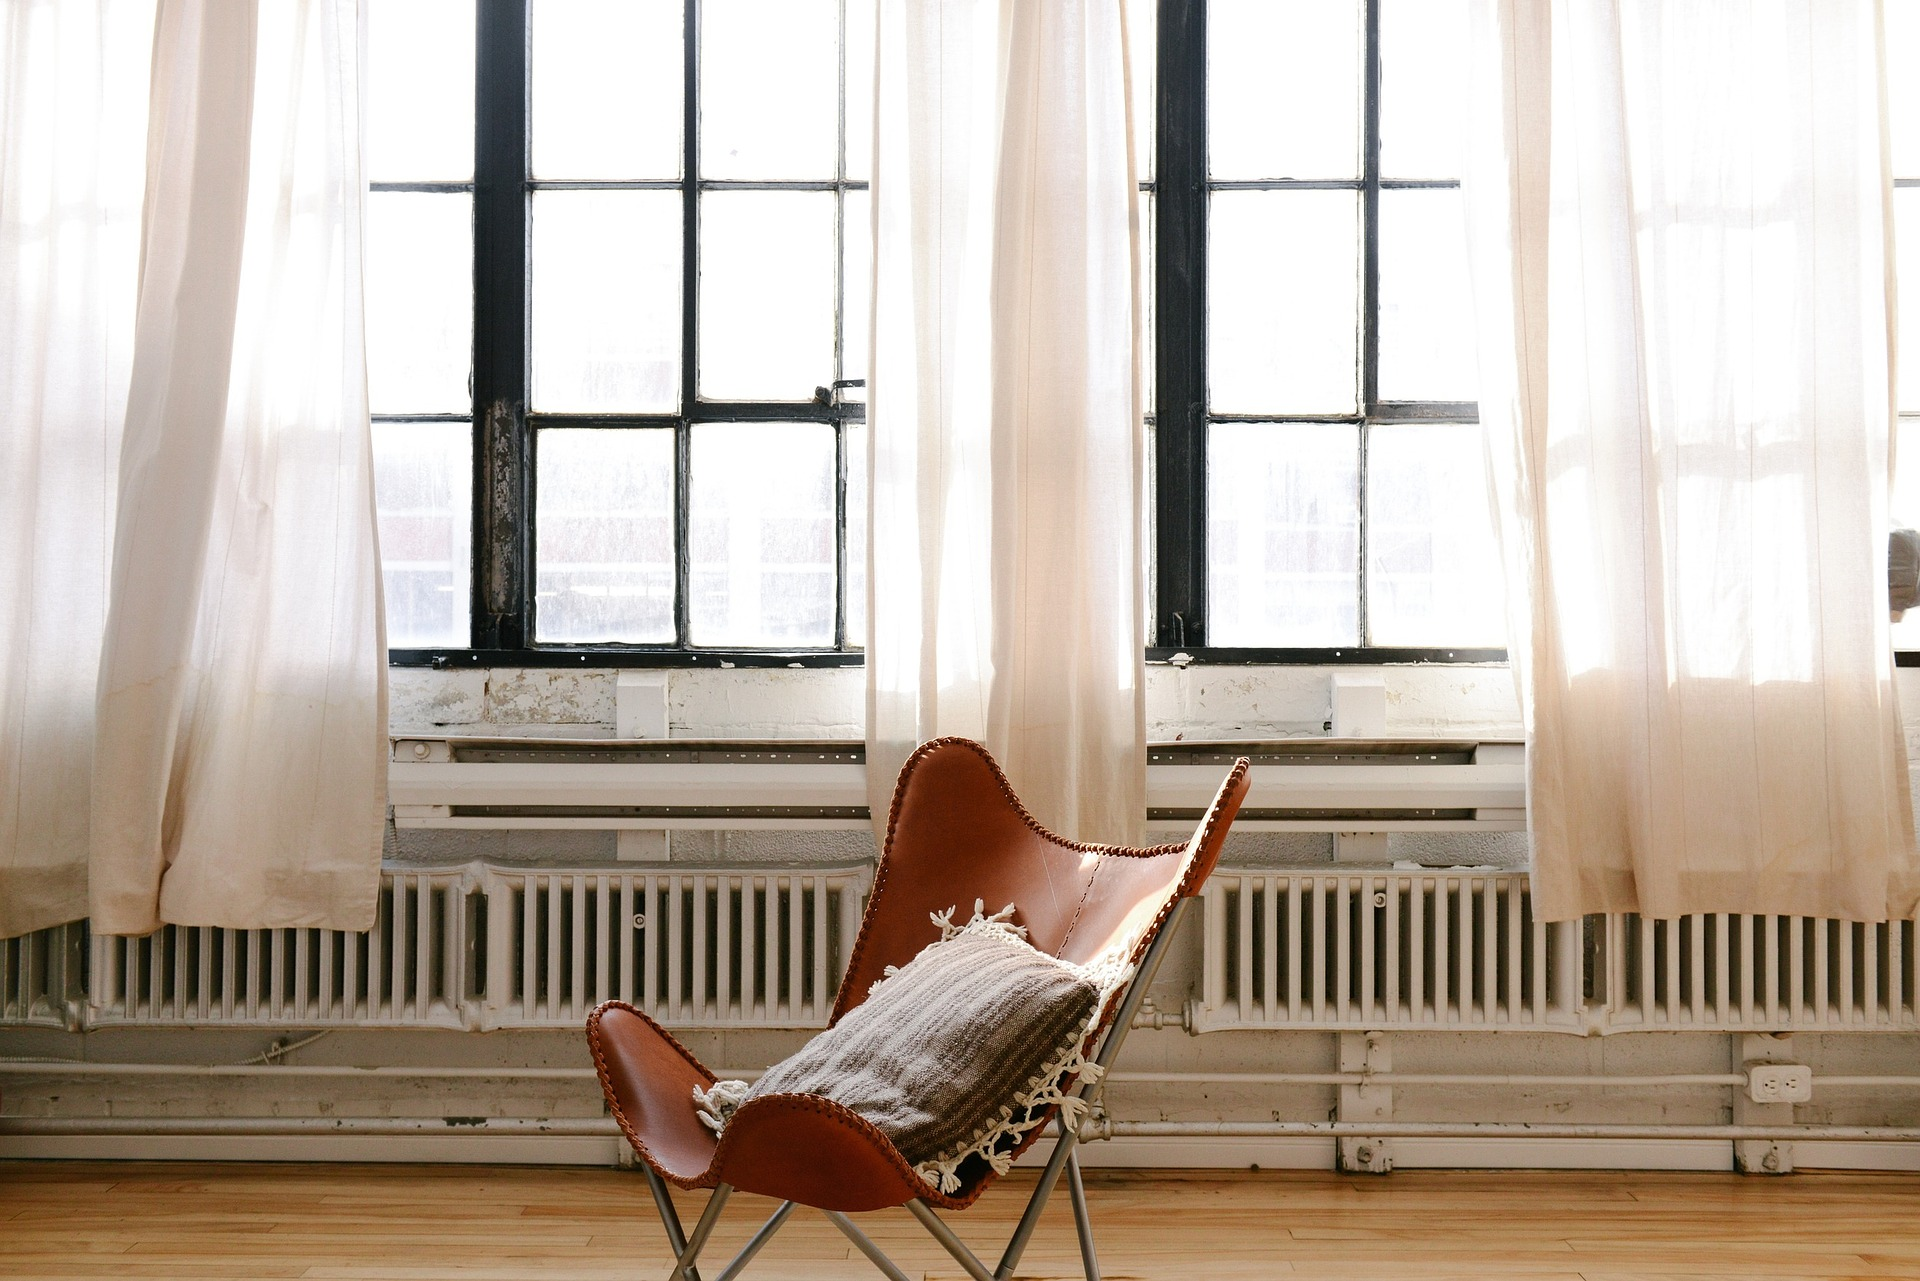 chair-690341_1920 (1)